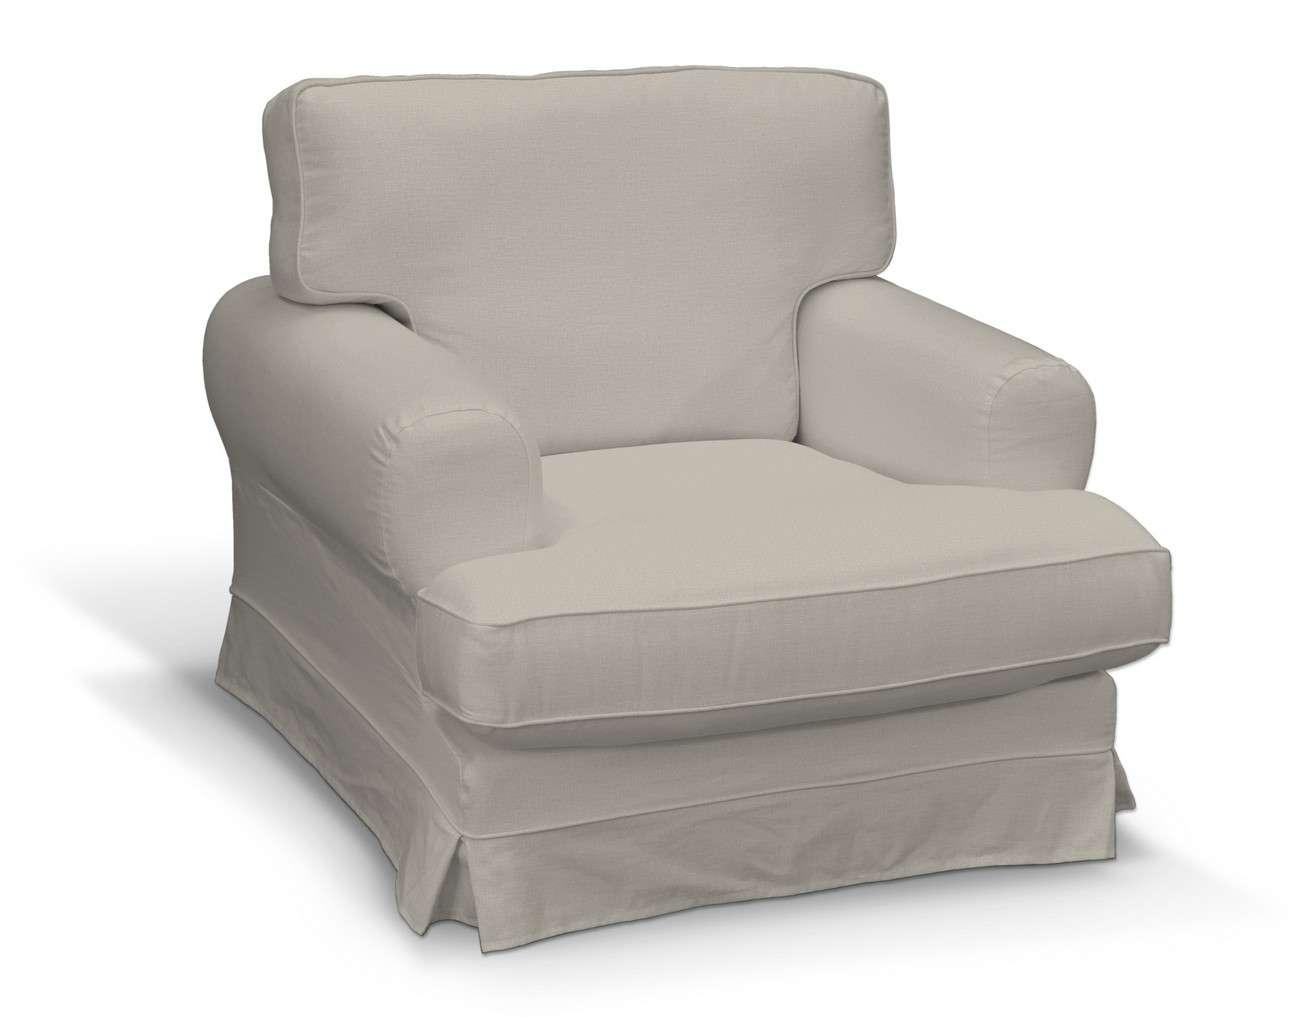 Pokrowiec na fotel Ekeskog w kolekcji Ingrid, tkanina: 705-40